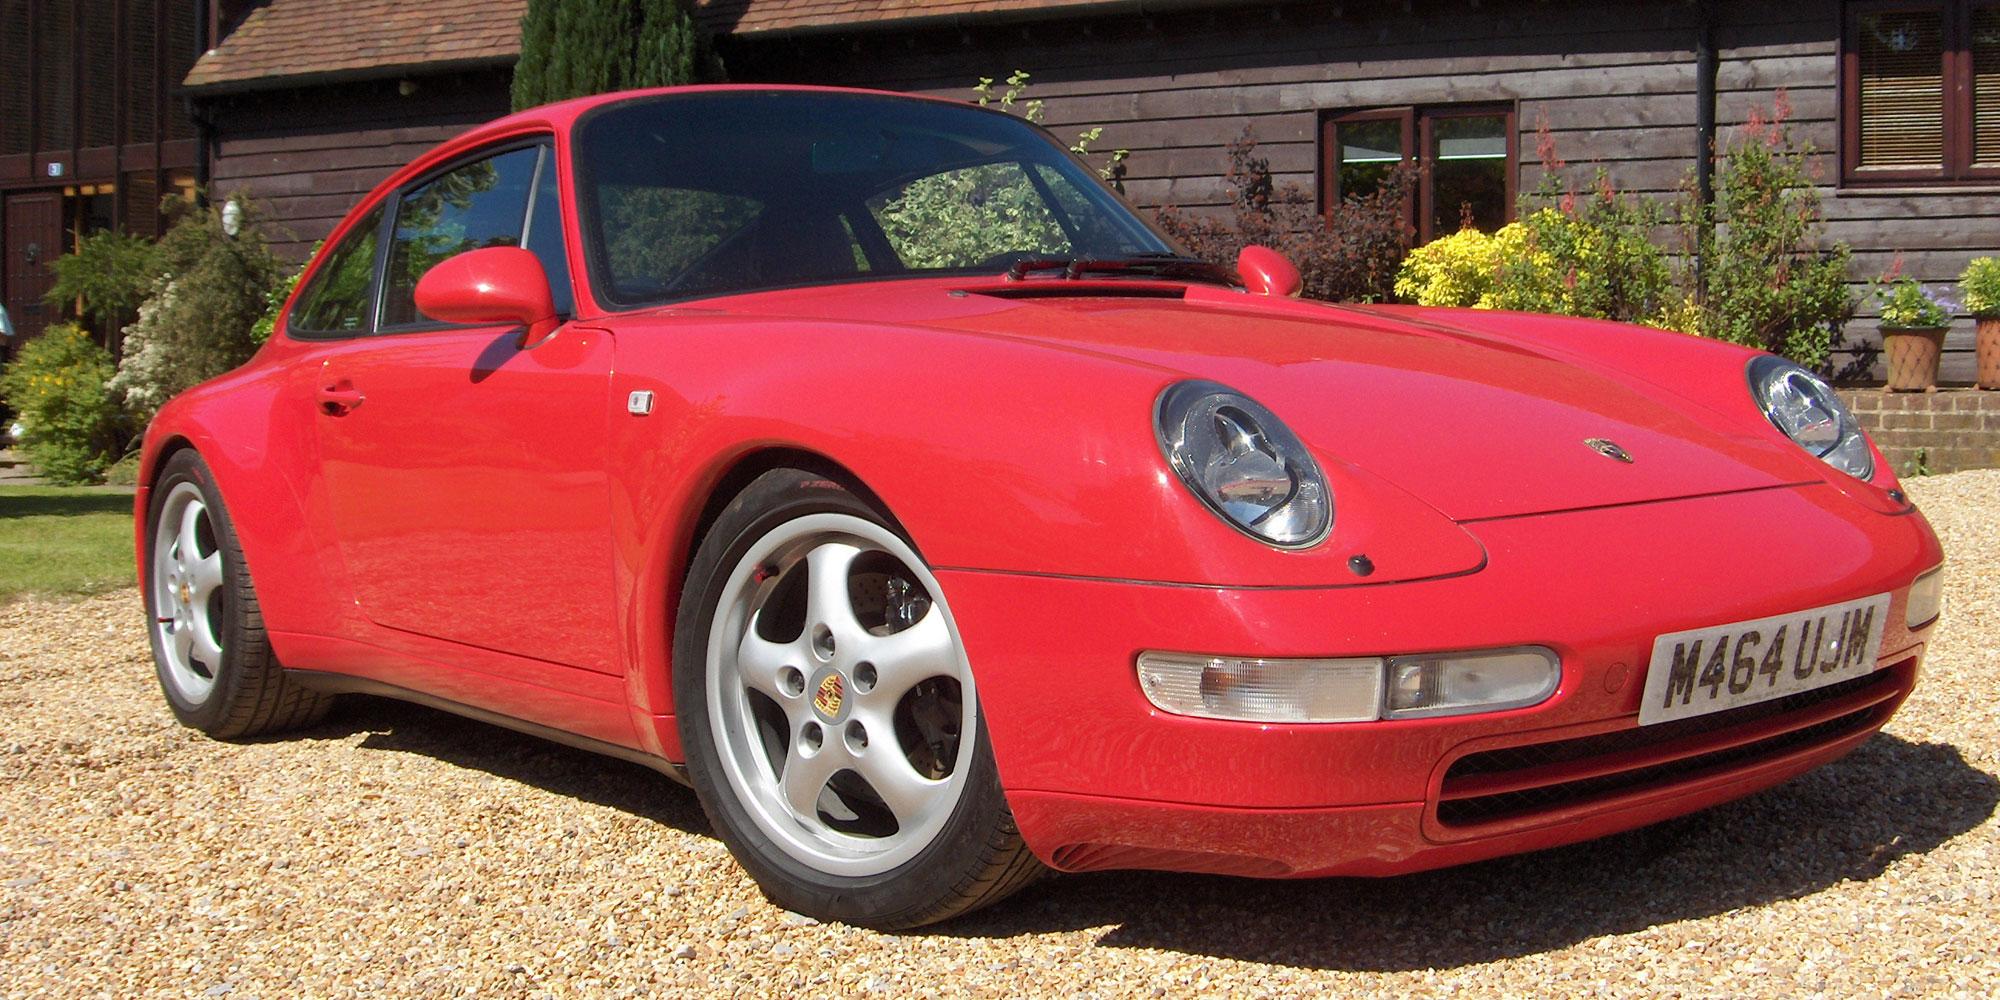 Colin's Porsche